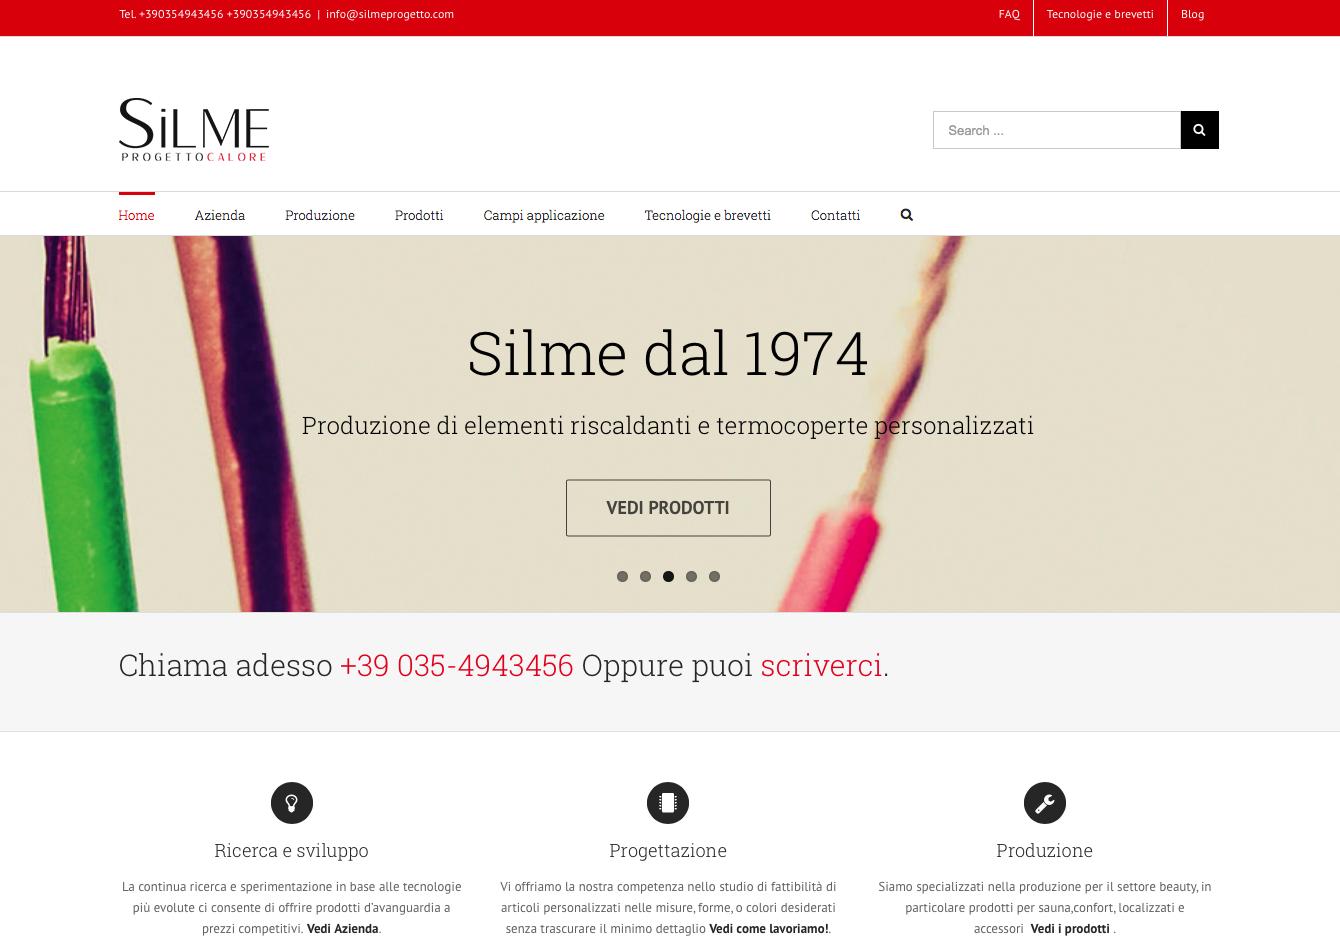 Silme progetto online il nuovo sito realizzato da intraweb for Progetto online